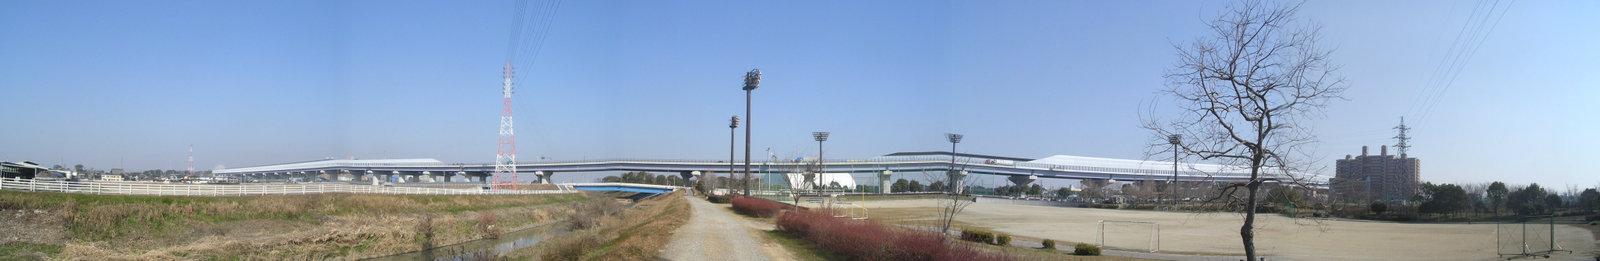 Isewanganexpressway